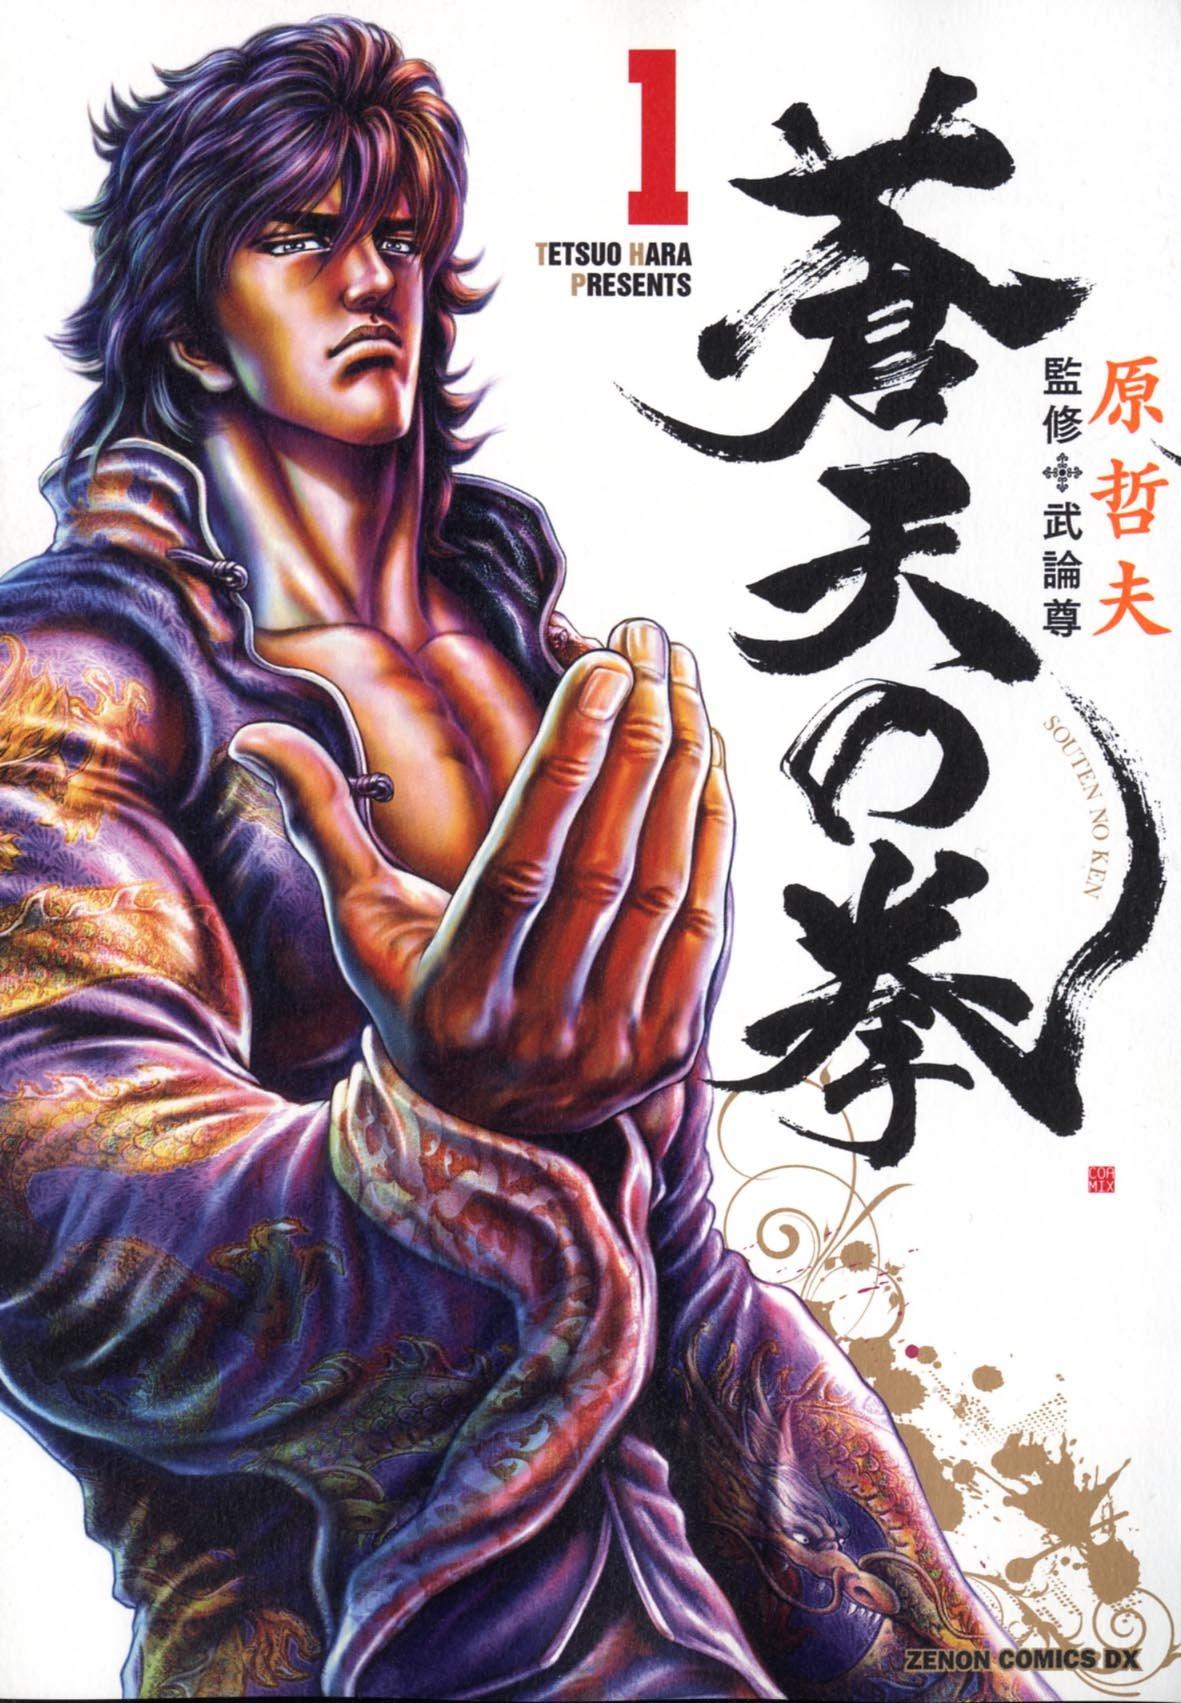 【蒼天の拳の登場人物】『北斗の拳』との繋がりも!原哲夫キャラクターの魅力が炸裂する!